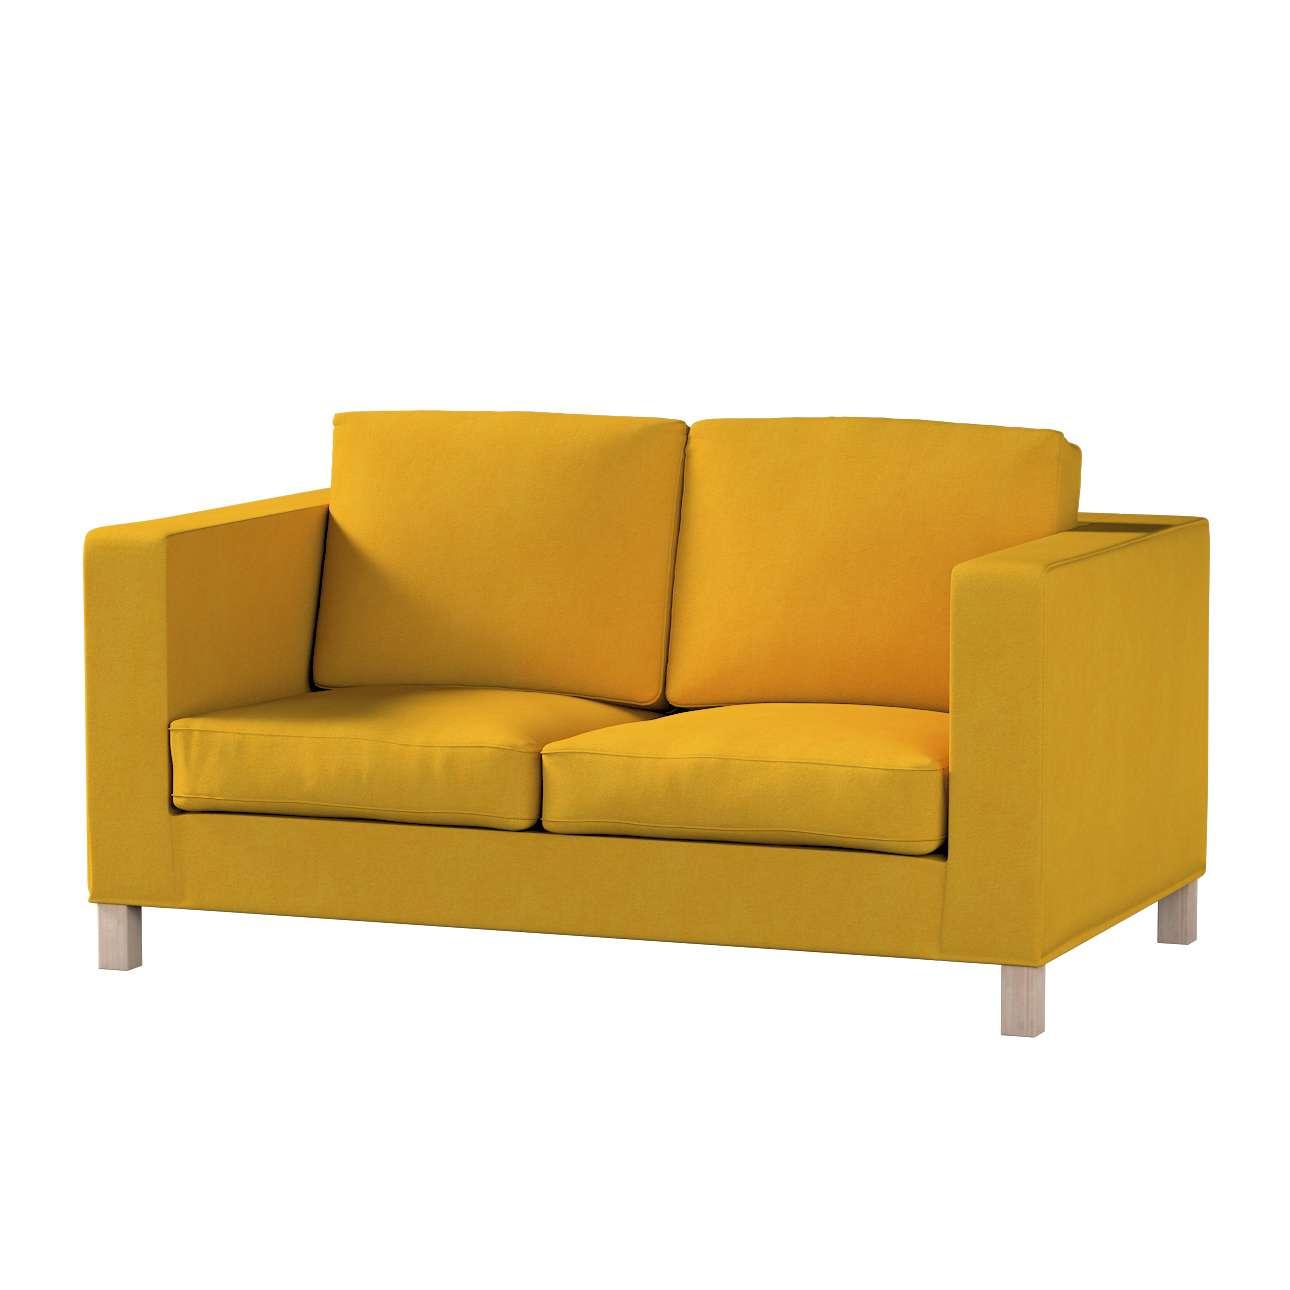 Bezug für Karlanda 2-Sitzer Sofa nicht ausklappbar, kurz von der Kollektion Etna, Stoff: 705-04